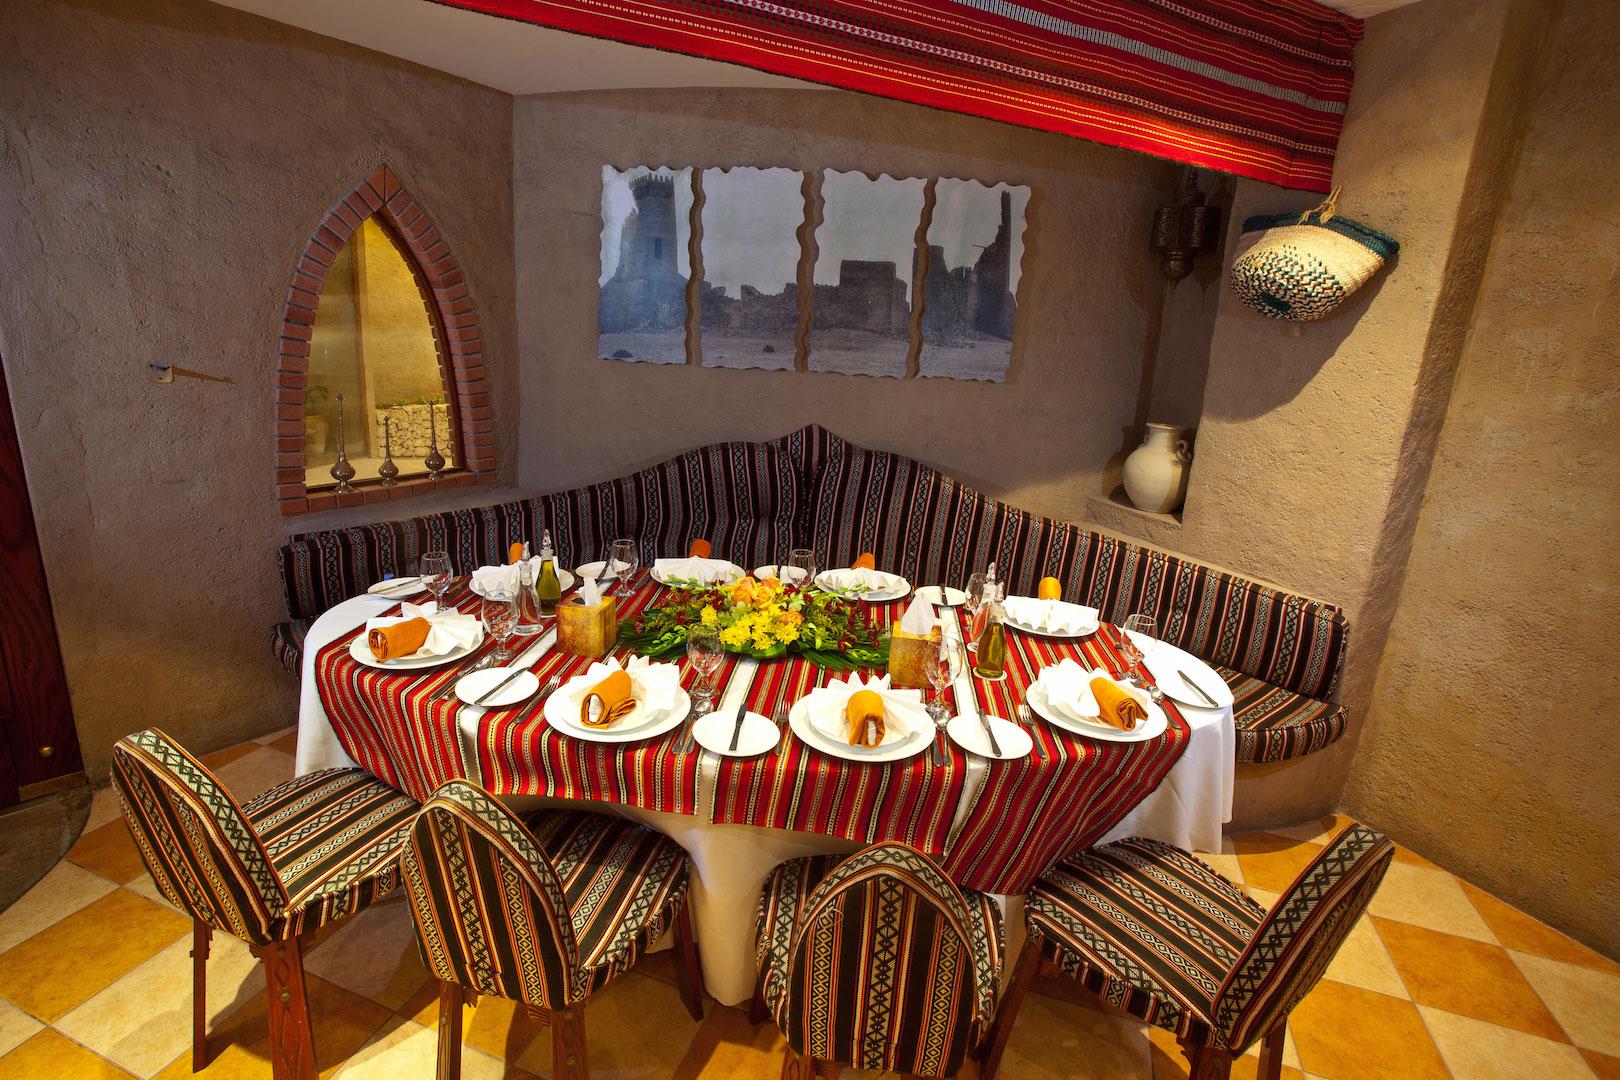 http://alliwansuites.com.qa/suites/wp-content/uploads/2016/03/dining4.jpg